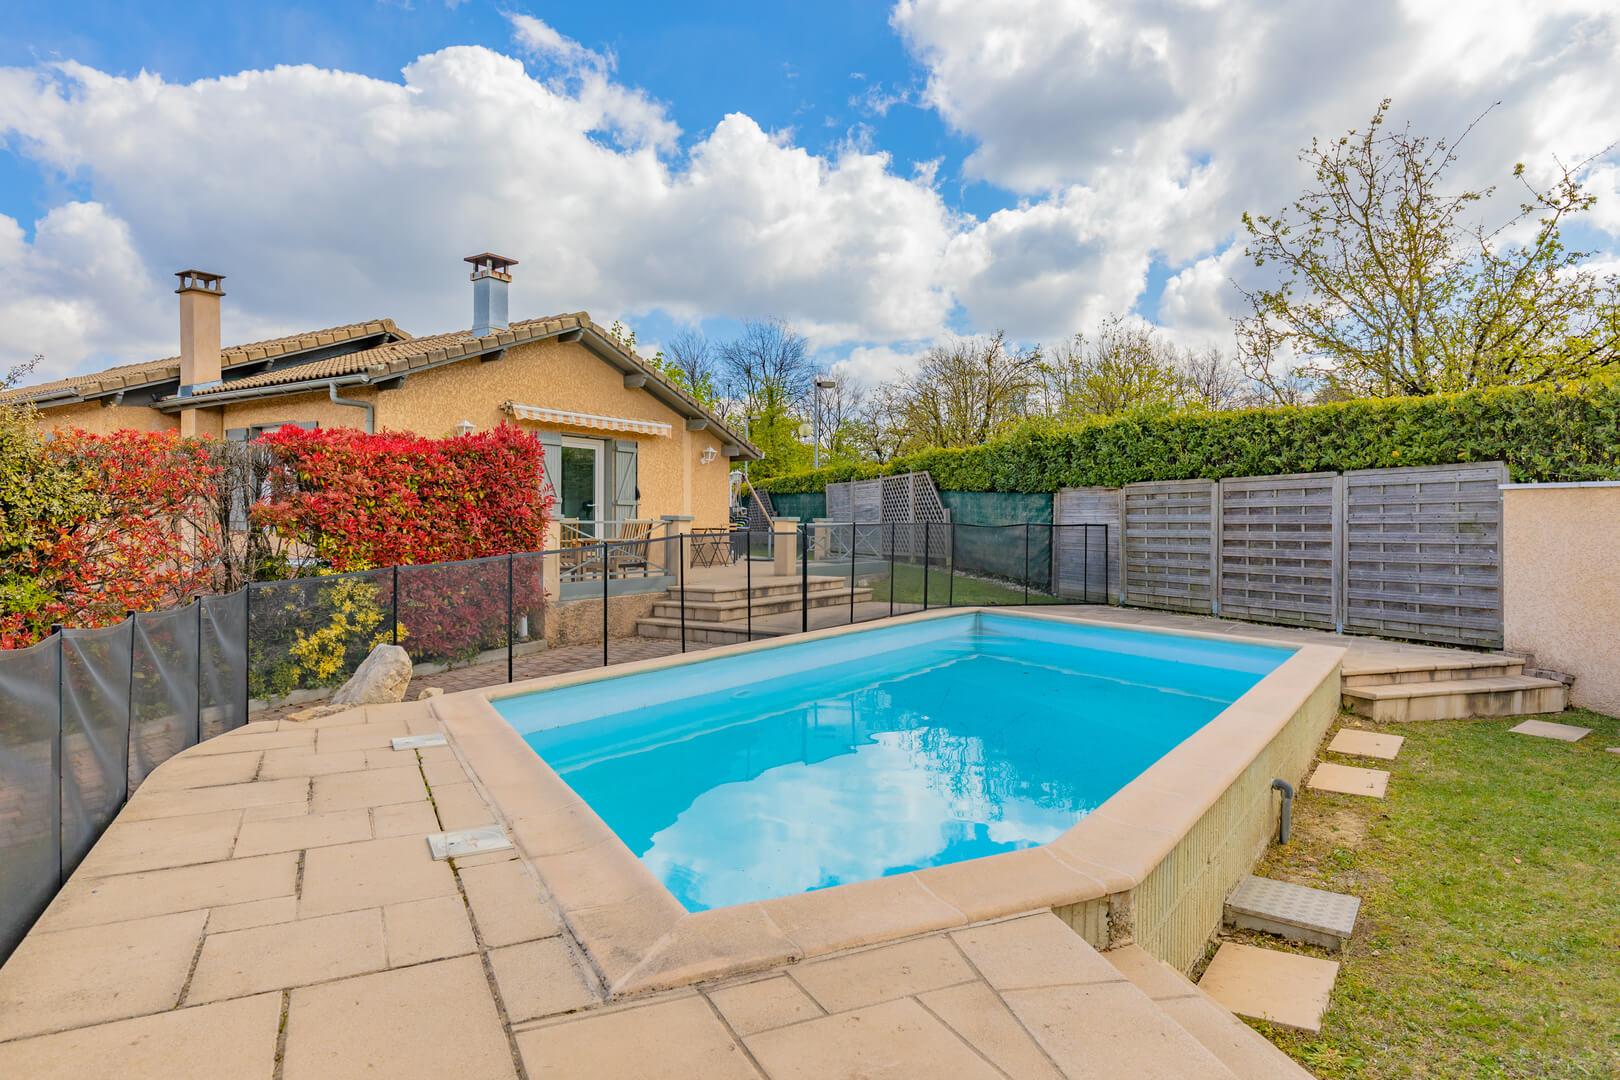 Homki - Vente Maison/villa  de 104.0 m² à Villefontaine 38090